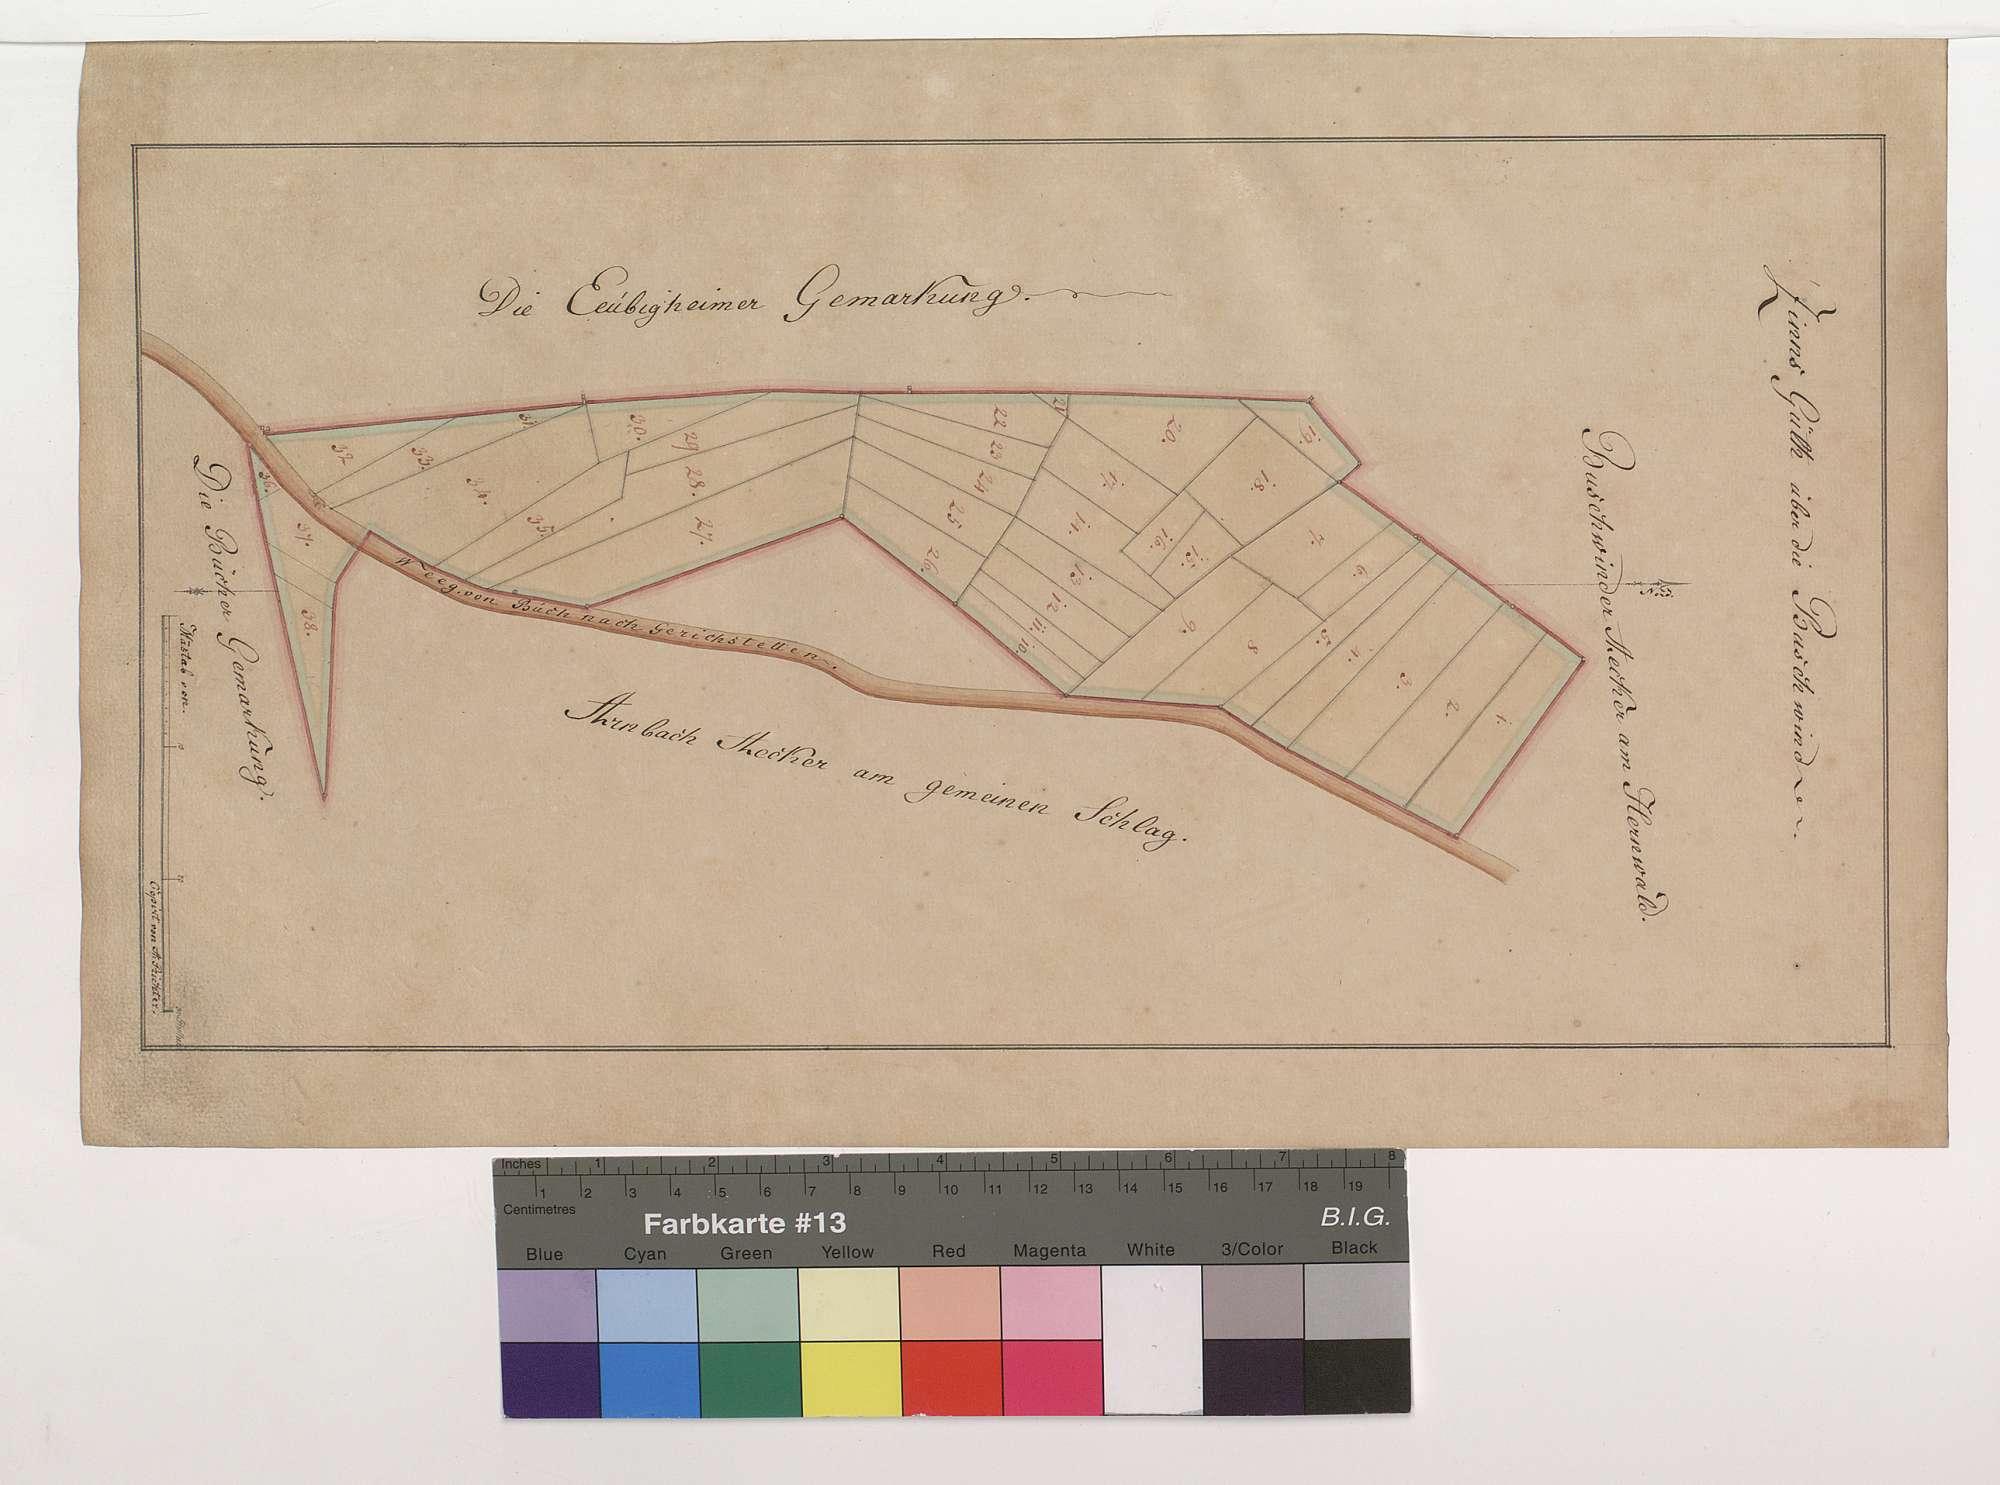 Lagerbuch und Heber über die Grundstücke von der Buschwind in Buch am Ahorn, Bild 1